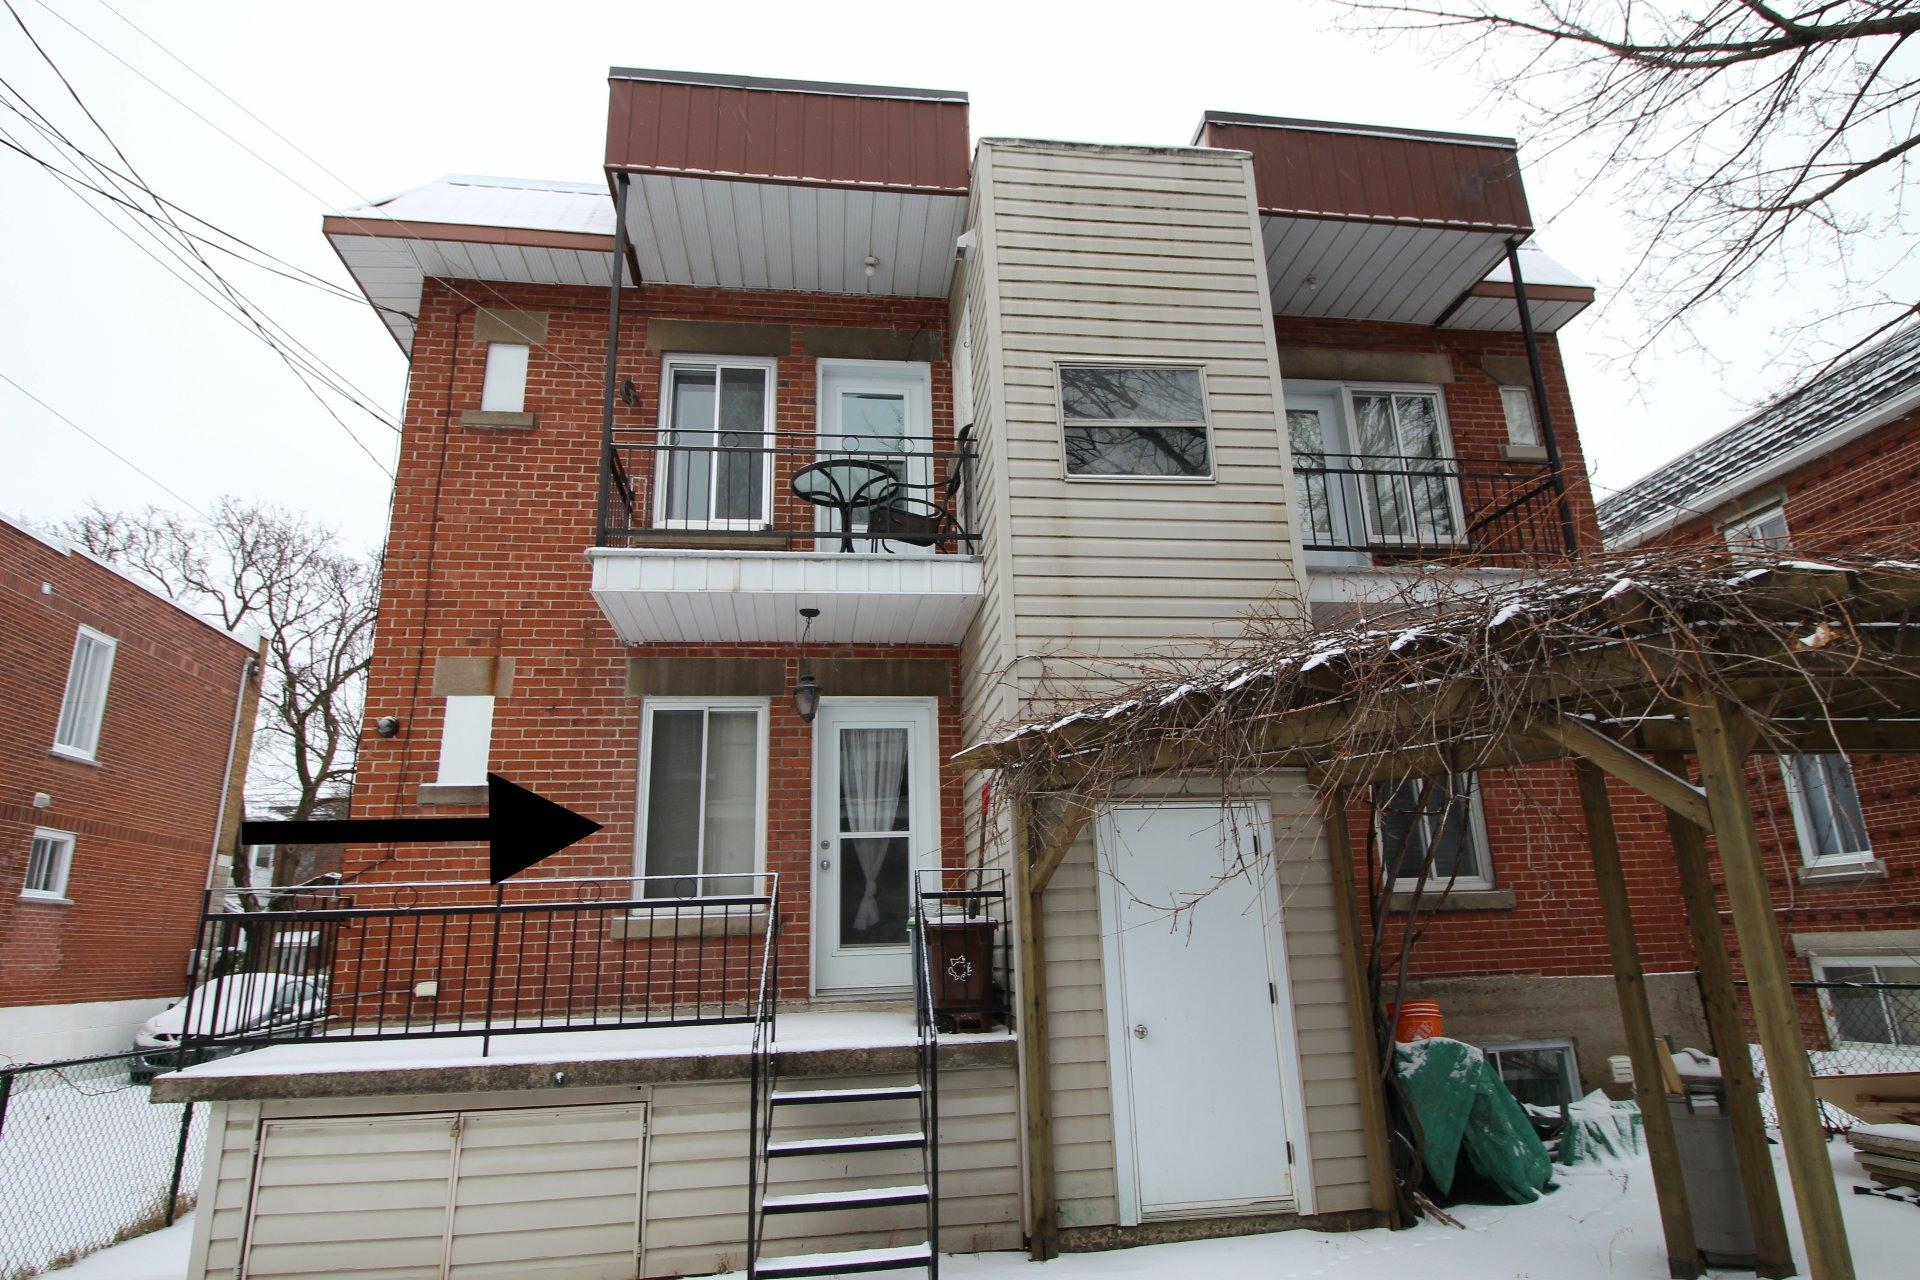 image 17 - Appartement À louer Ahuntsic-Cartierville Montréal  - 7 pièces